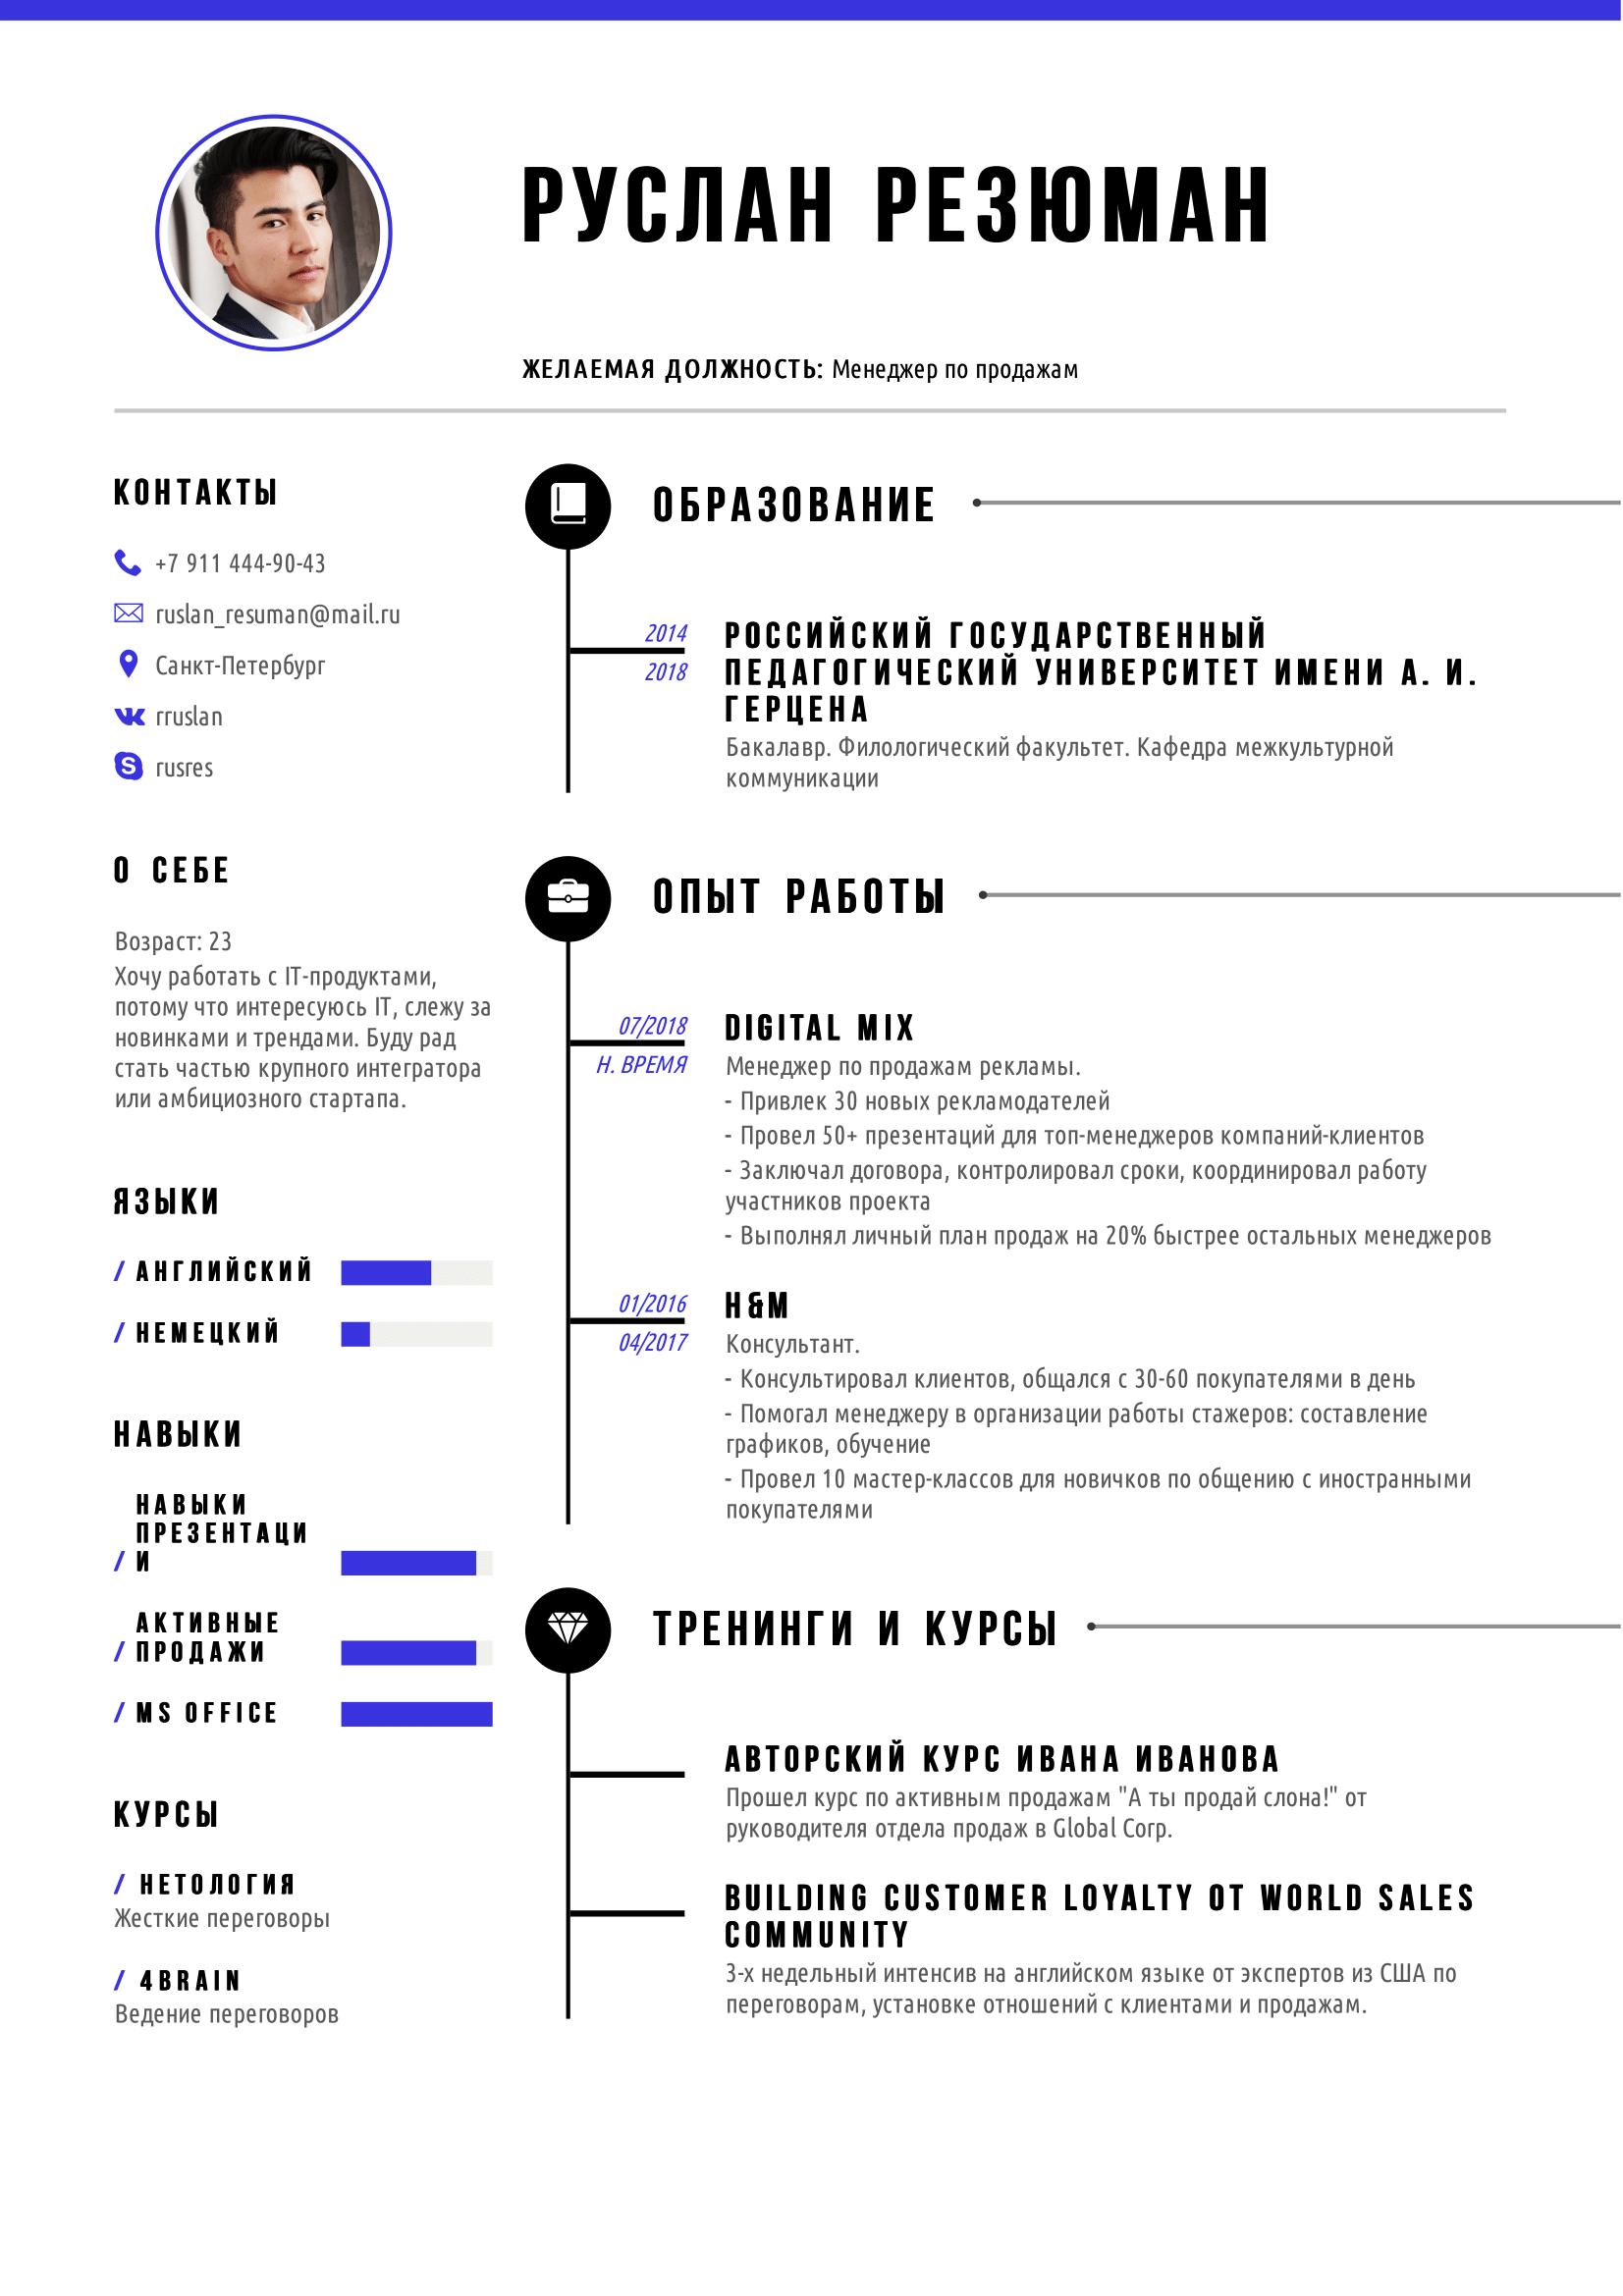 Как подготовить хорошее резюме для it-специалиста